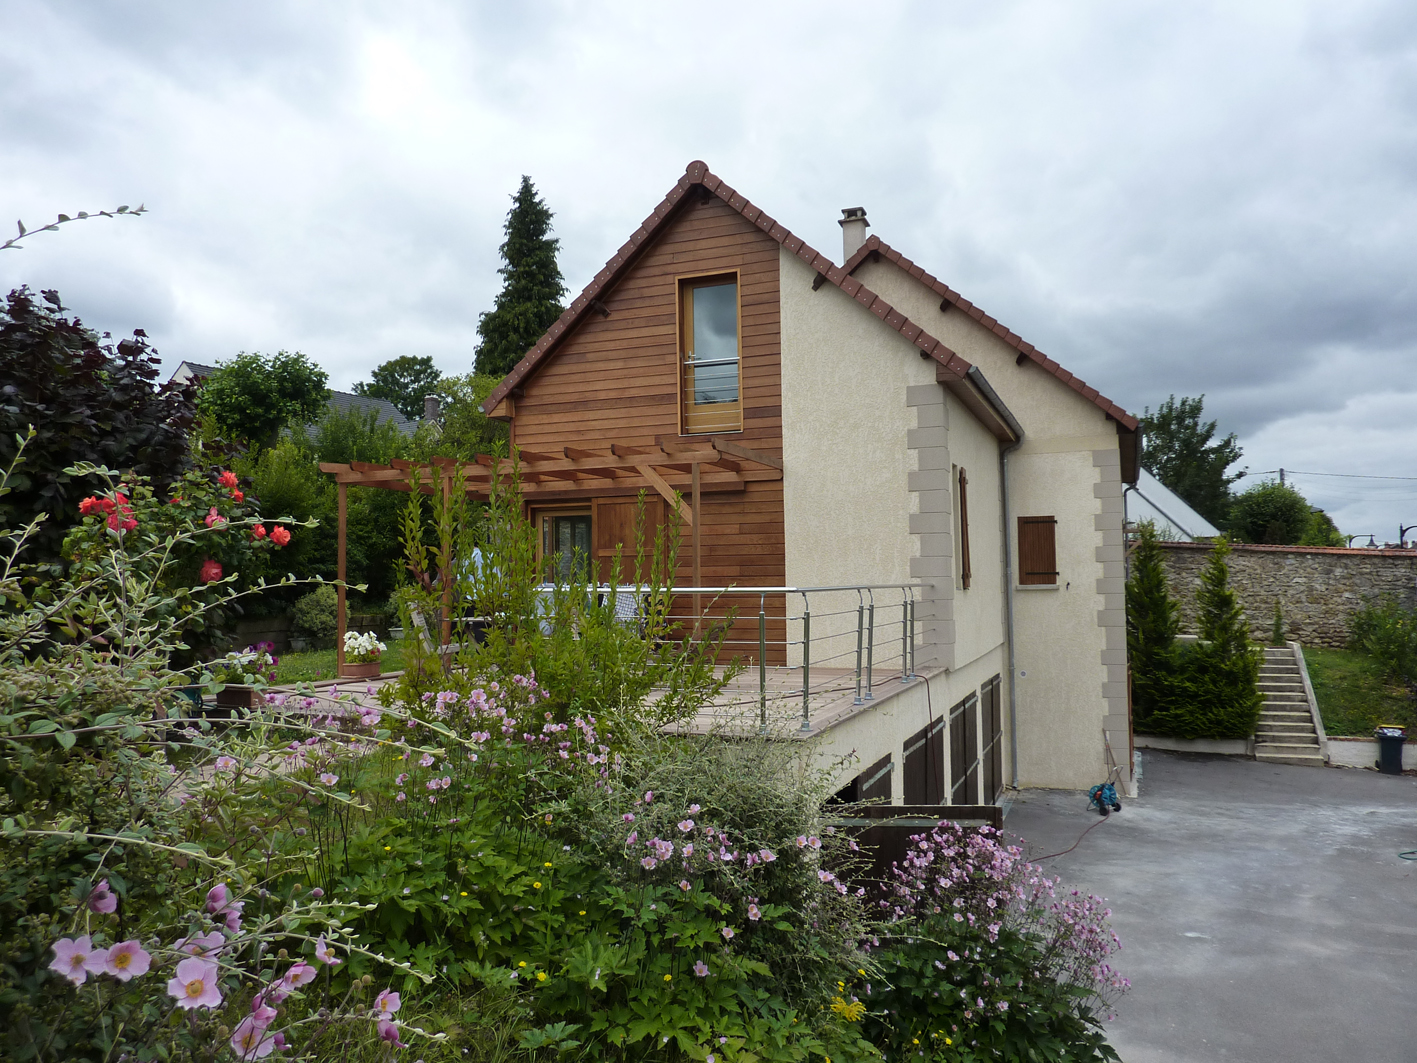 Maison bois yvelines architecte maison bois paris alsace for Architecte maison bois